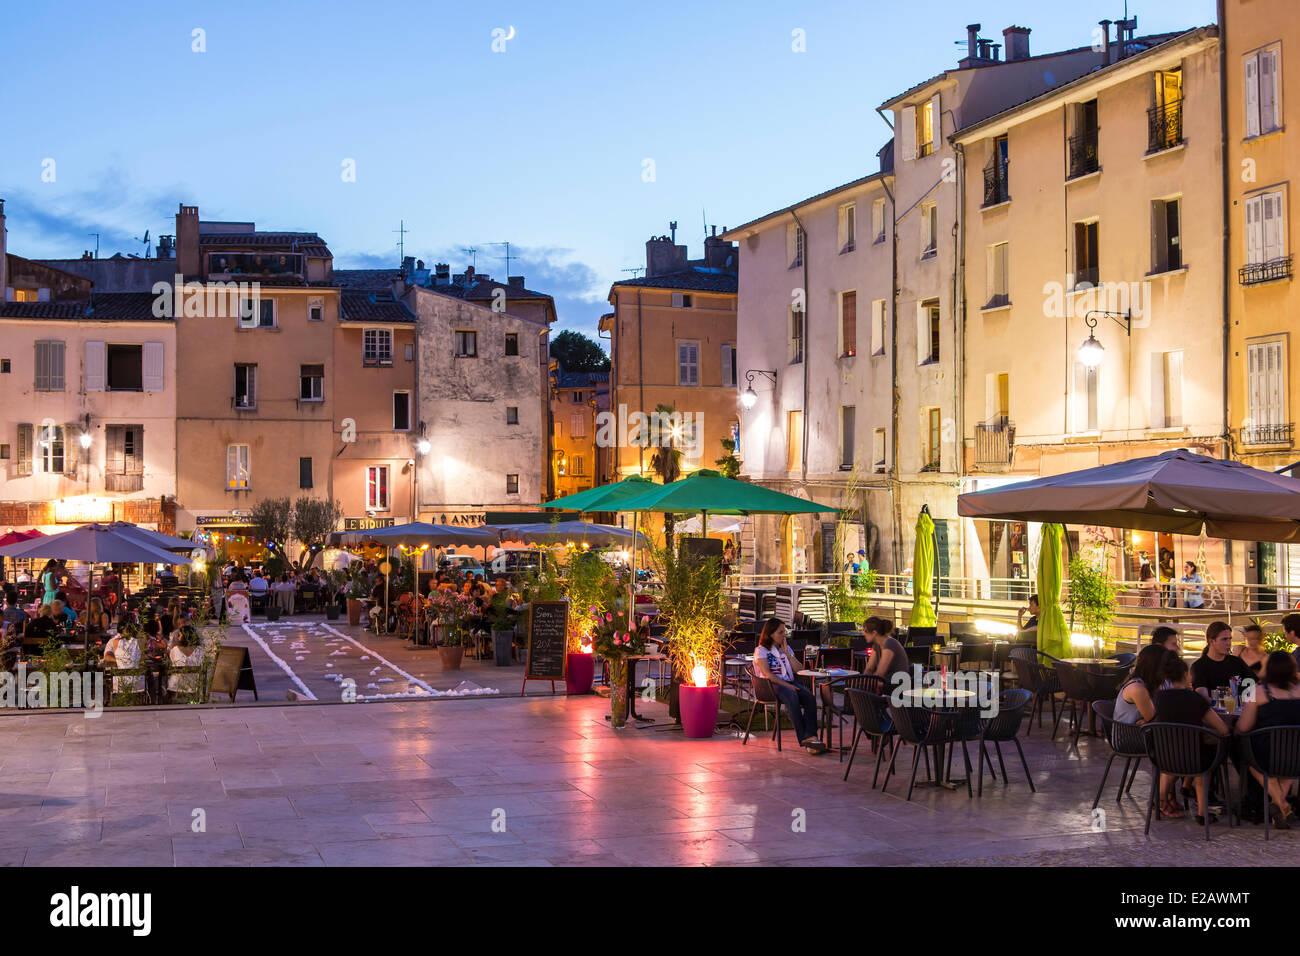 France, Bouches du Rhone, Aix en Provence, Place des Cardeurs - Stock Image